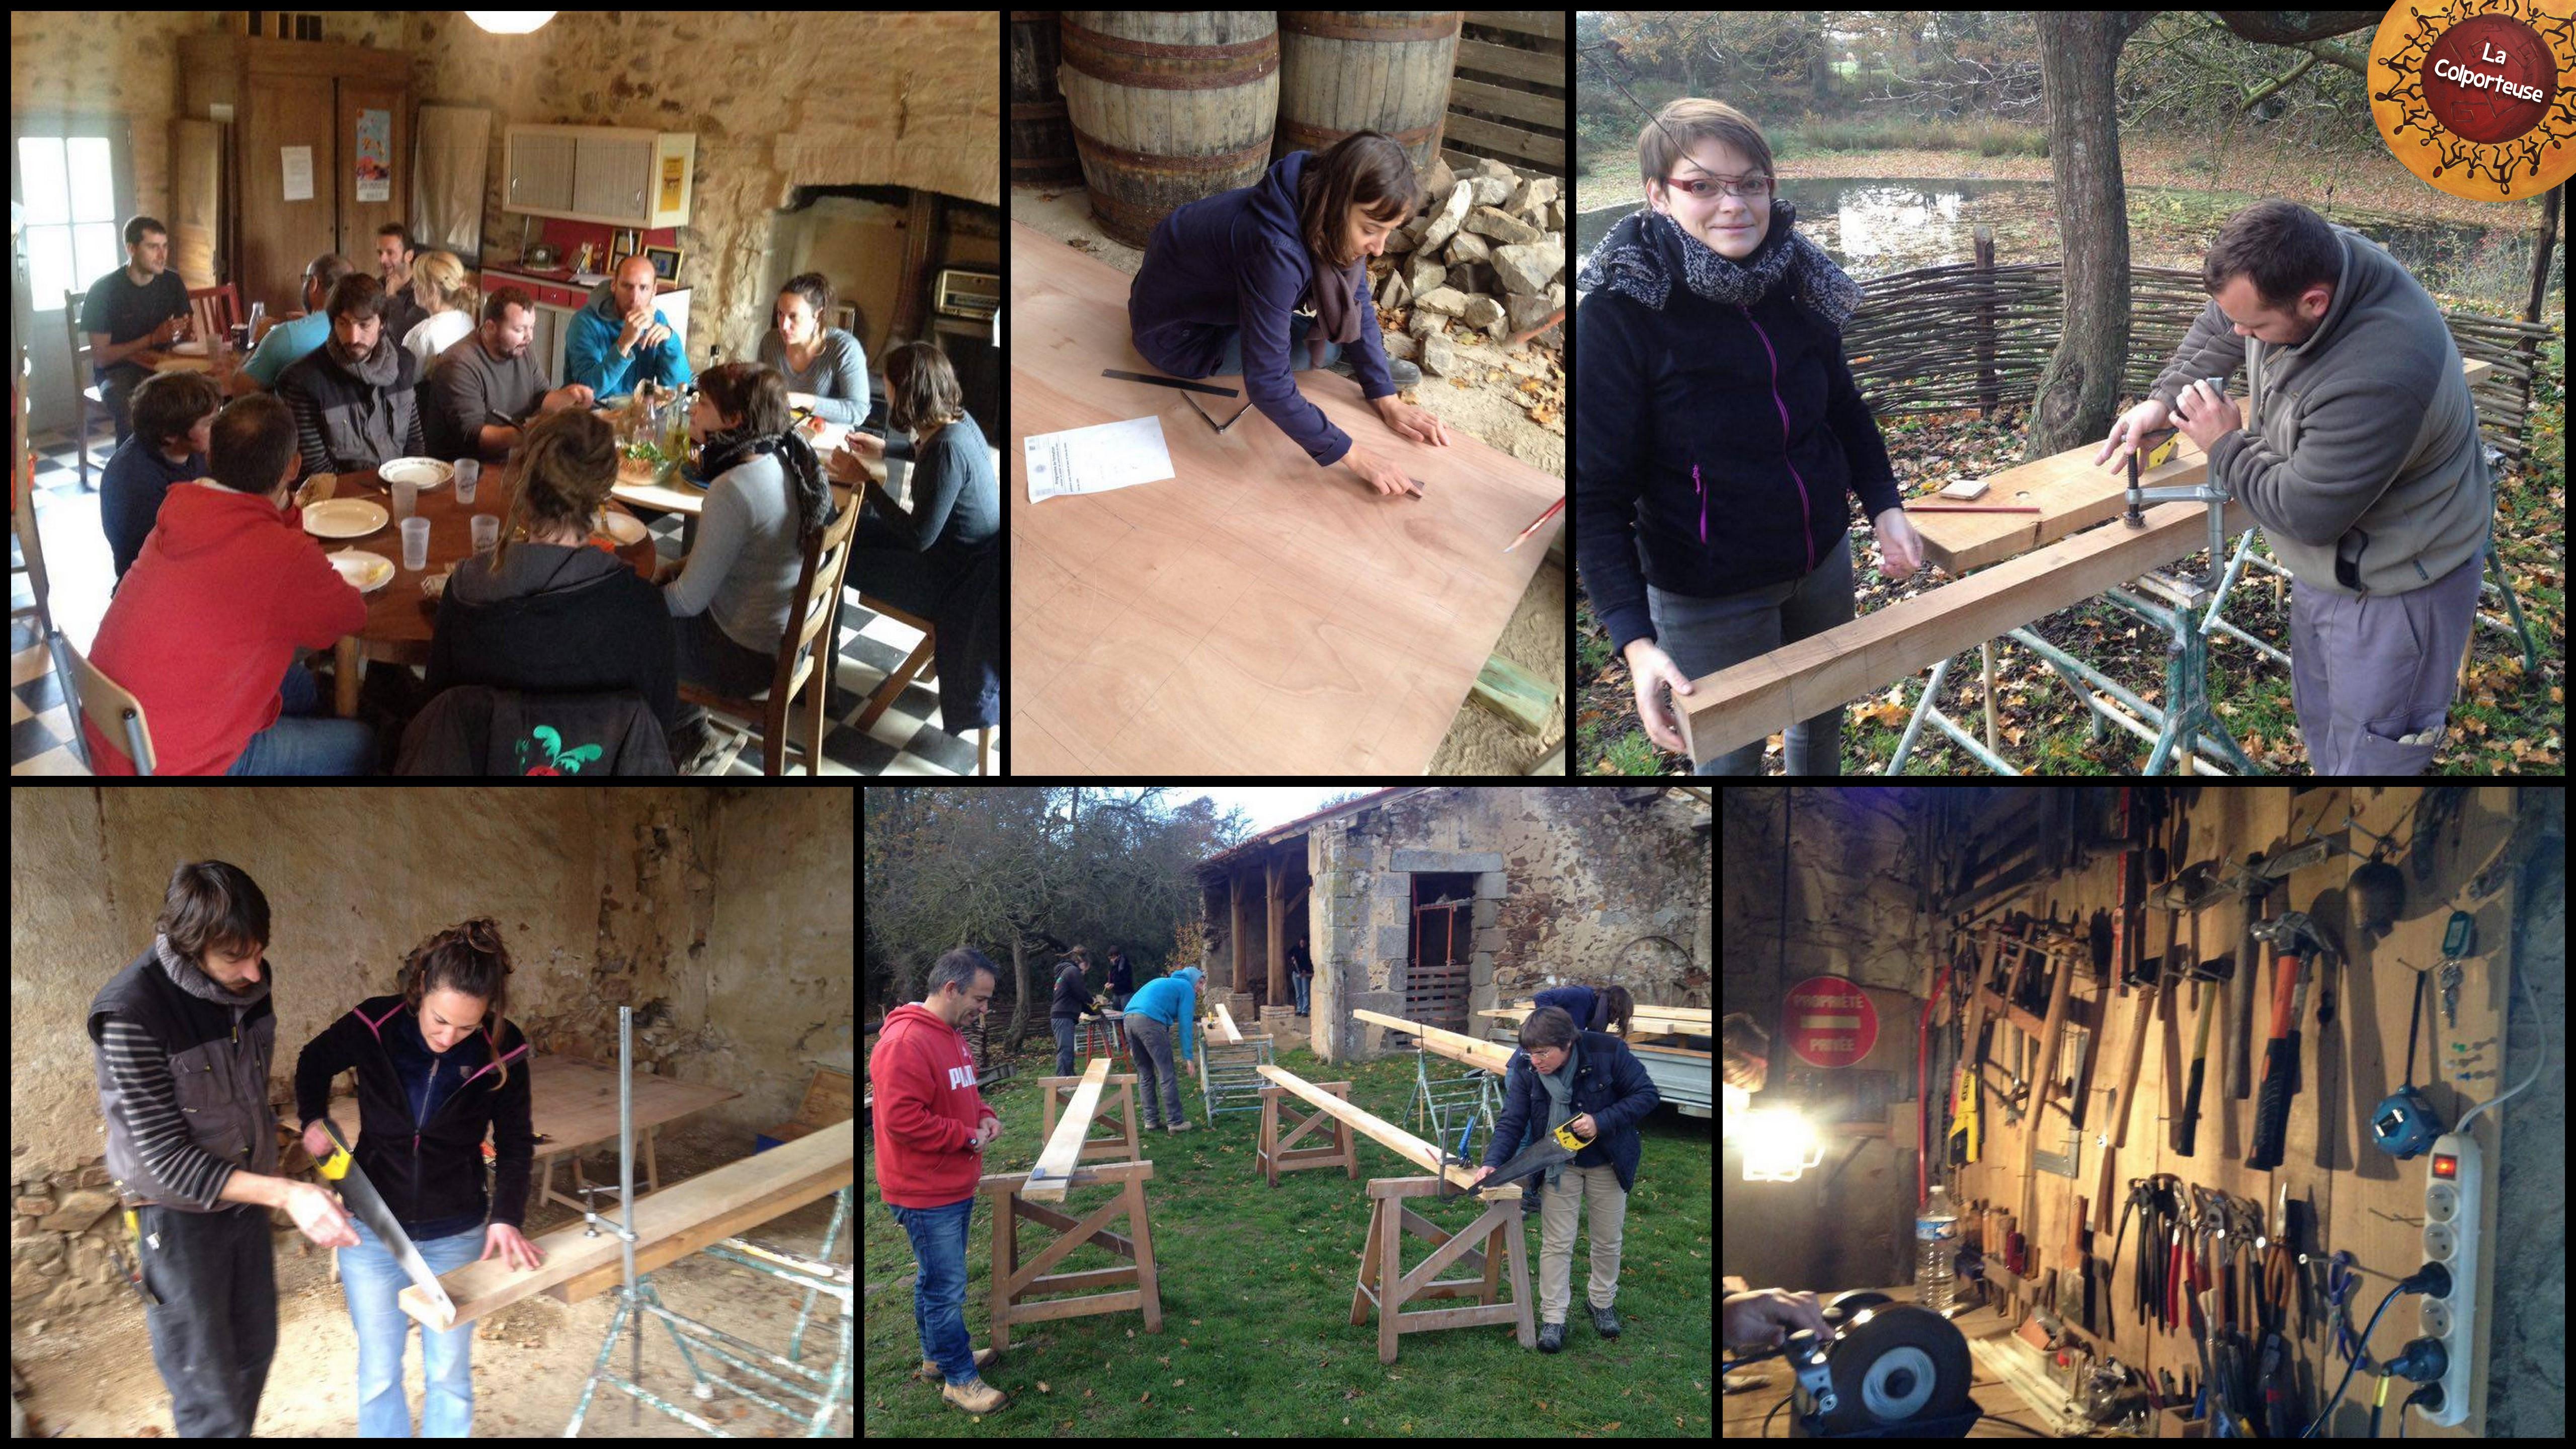 Formation Bois Adulte - Formation Animer un atelier de construction en bois u2013 pour Adultes La colporteuse